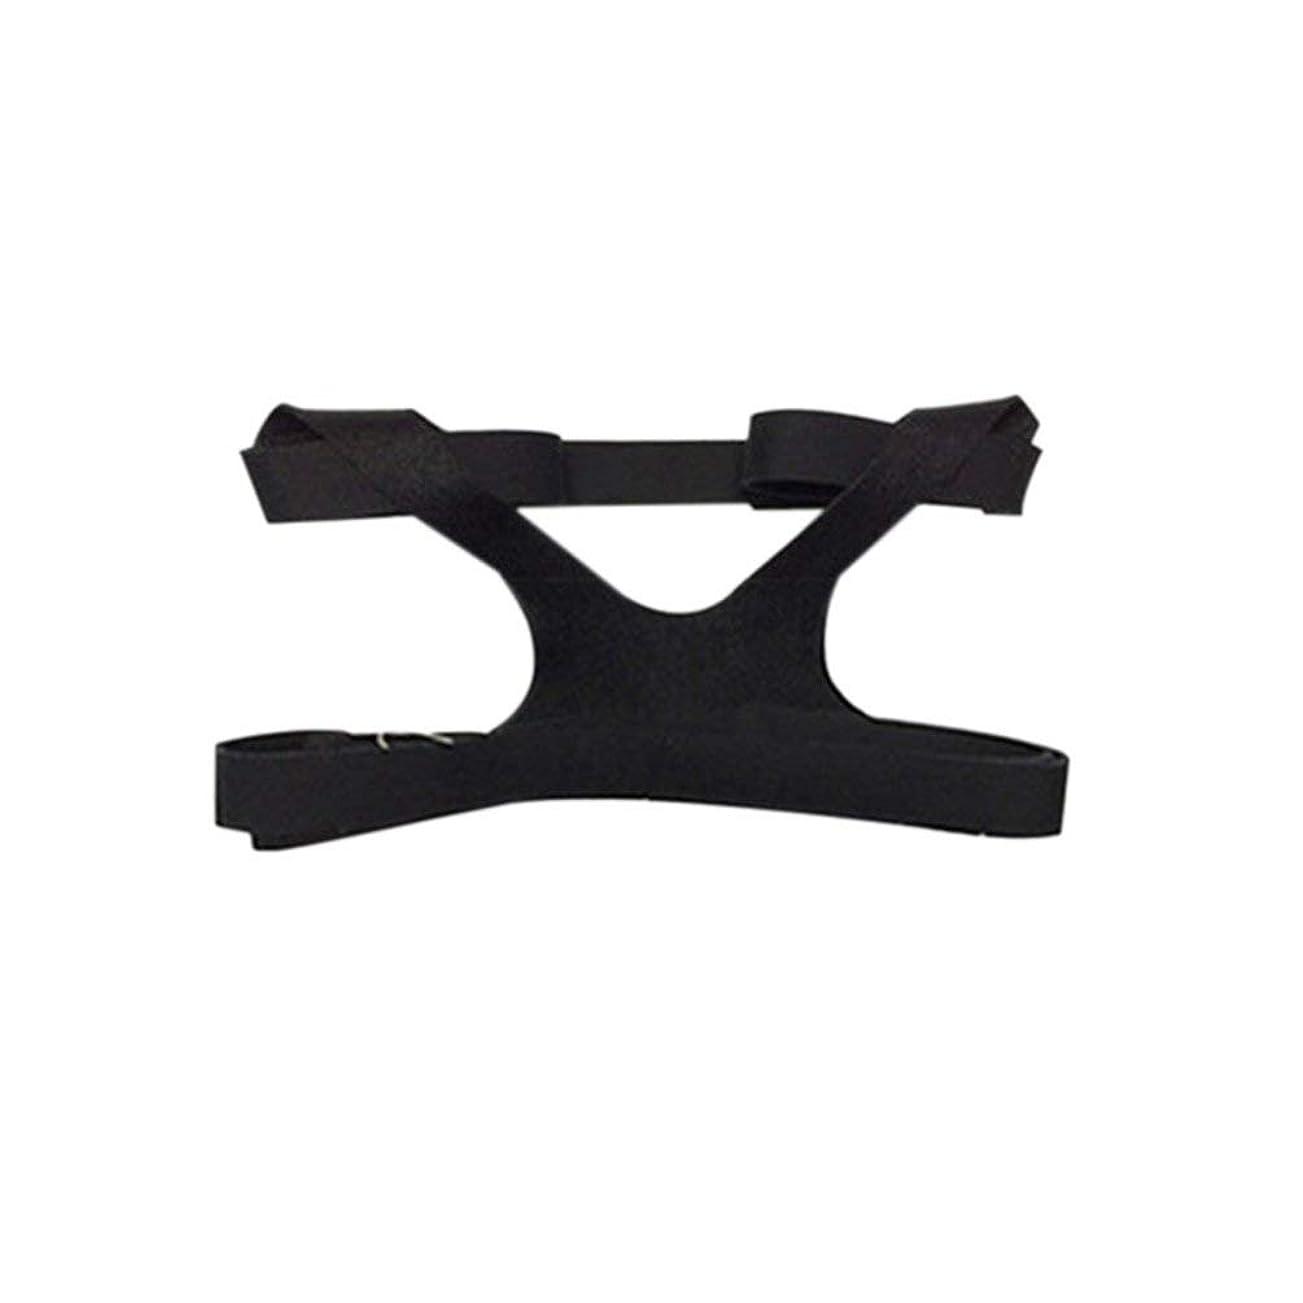 崇拝する意識つまずくユニバーサルデザインヘッドギアコンフォートジェルフルマスク安全な環境での交換用CPAPヘッドバンドなしPHILPS - ブラック